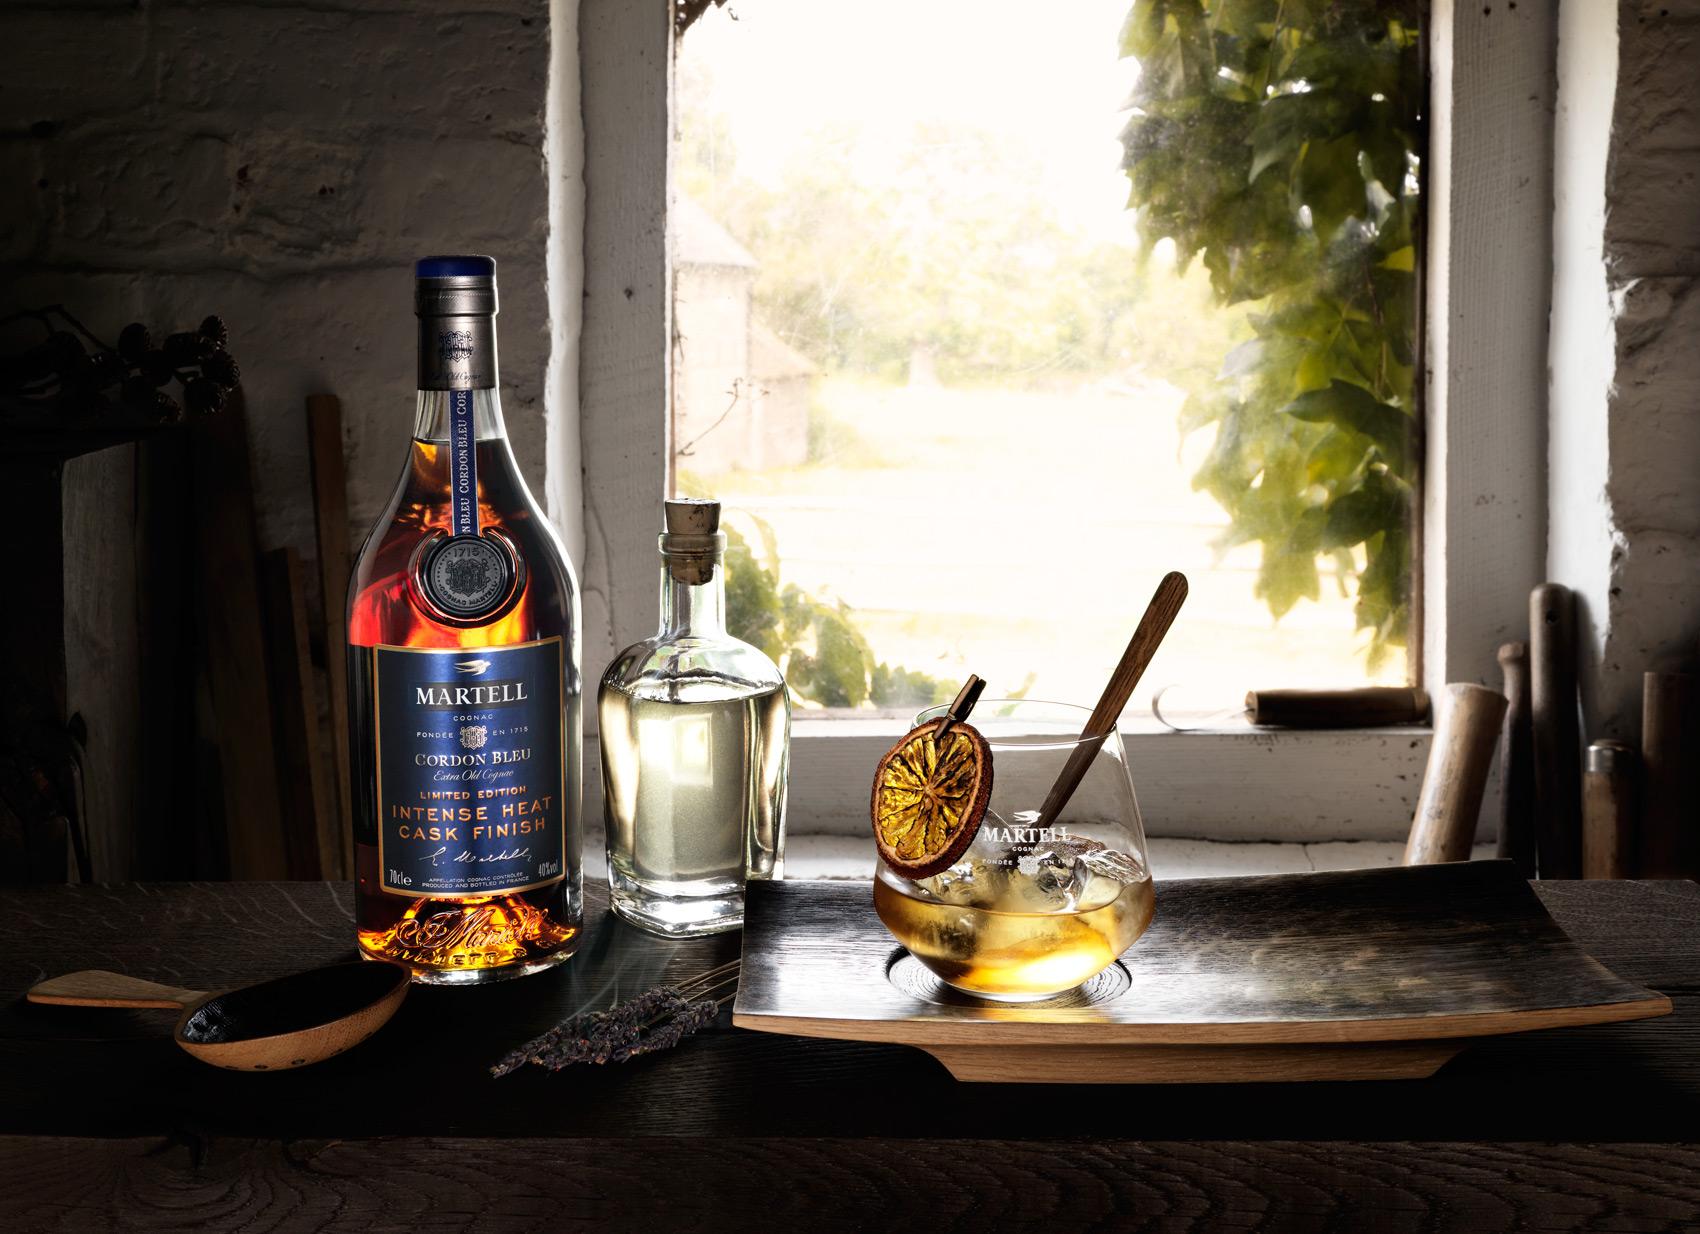 Martell Fires Up Cognac With Launch Of Cordon Bleu Intense Heat